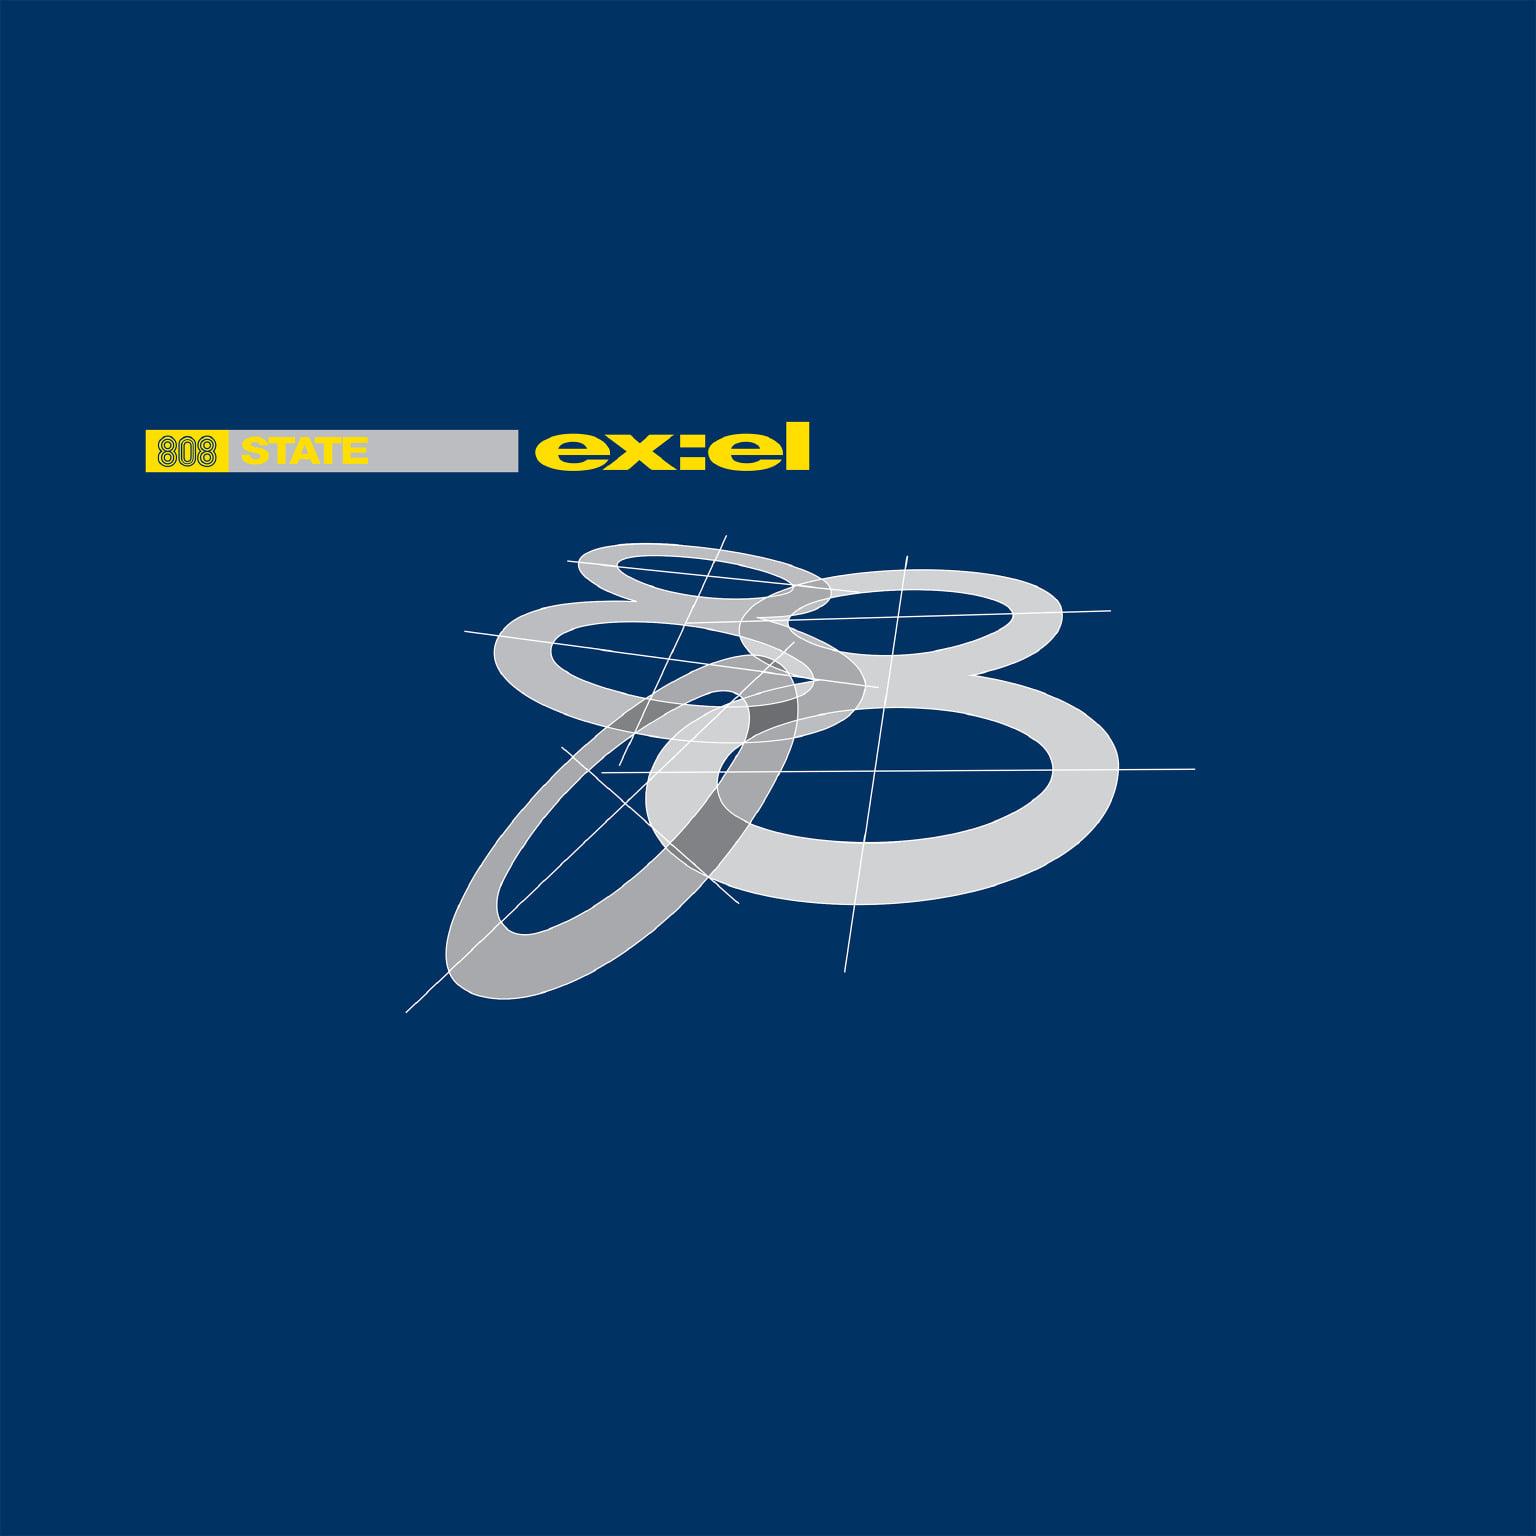 """808 State: neste dia em 1991 """"ex:el"""" era lançado"""